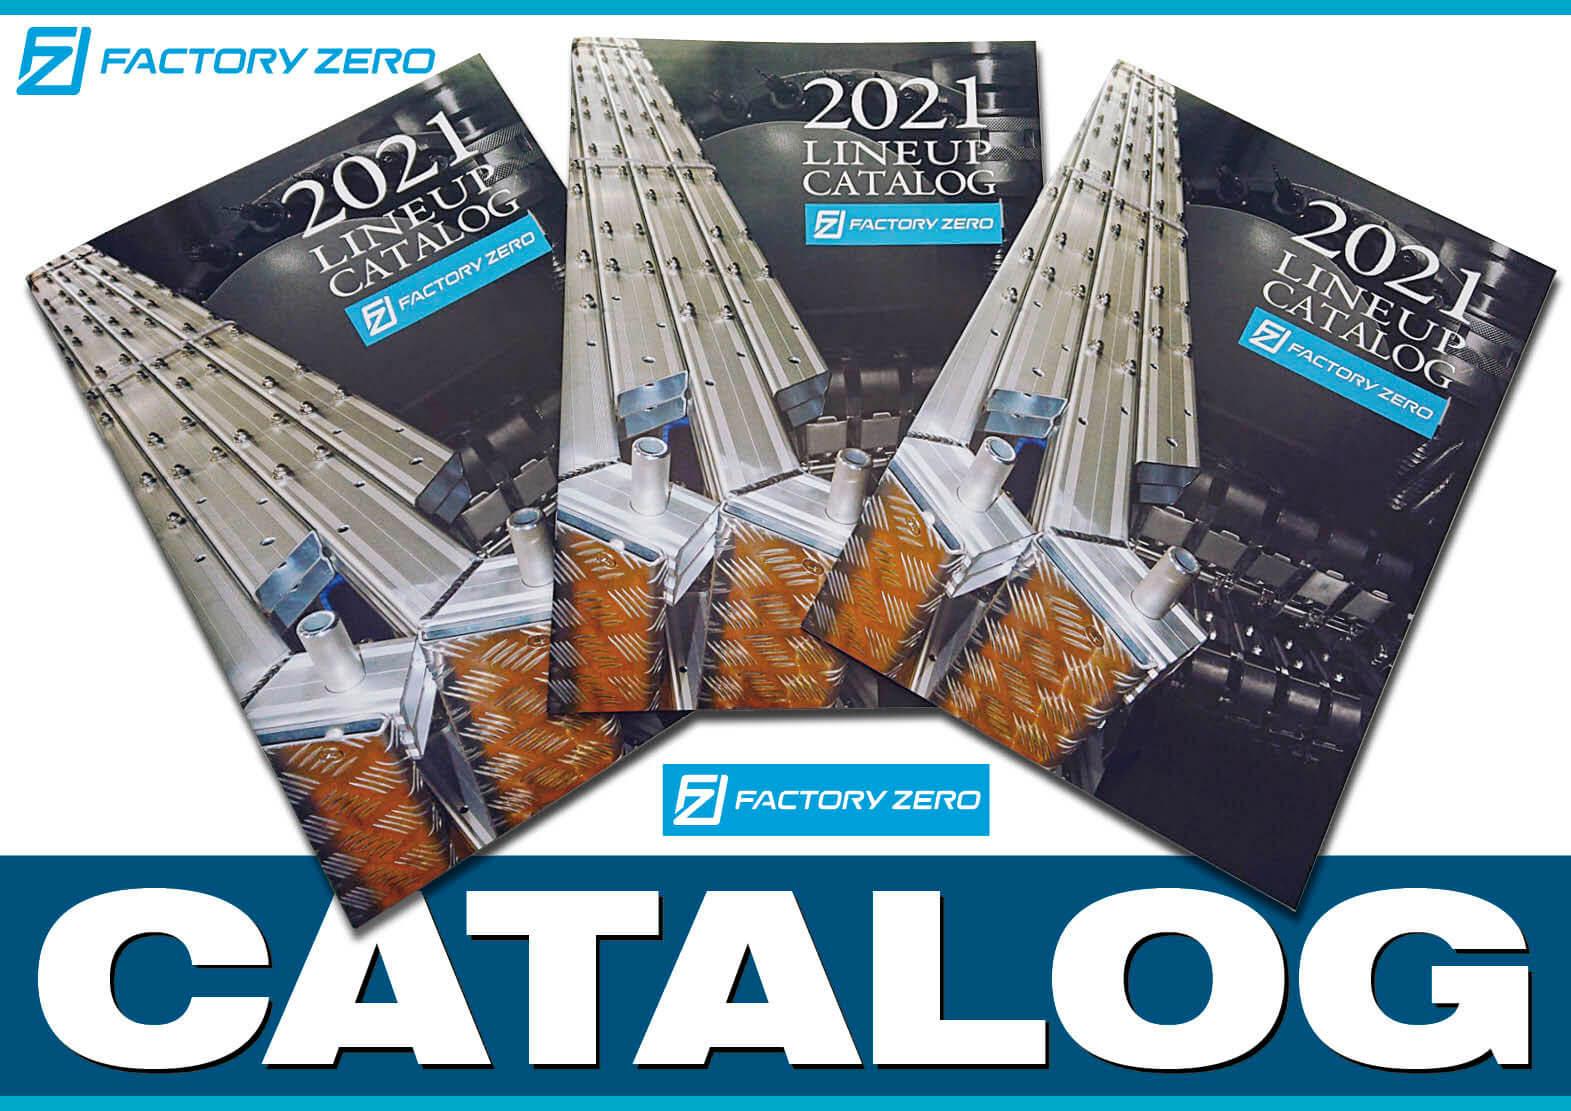 ファクトリーゼロ社より、2021年ラインナップカタログ 無料配布 ジェットスキー(水上バイク)